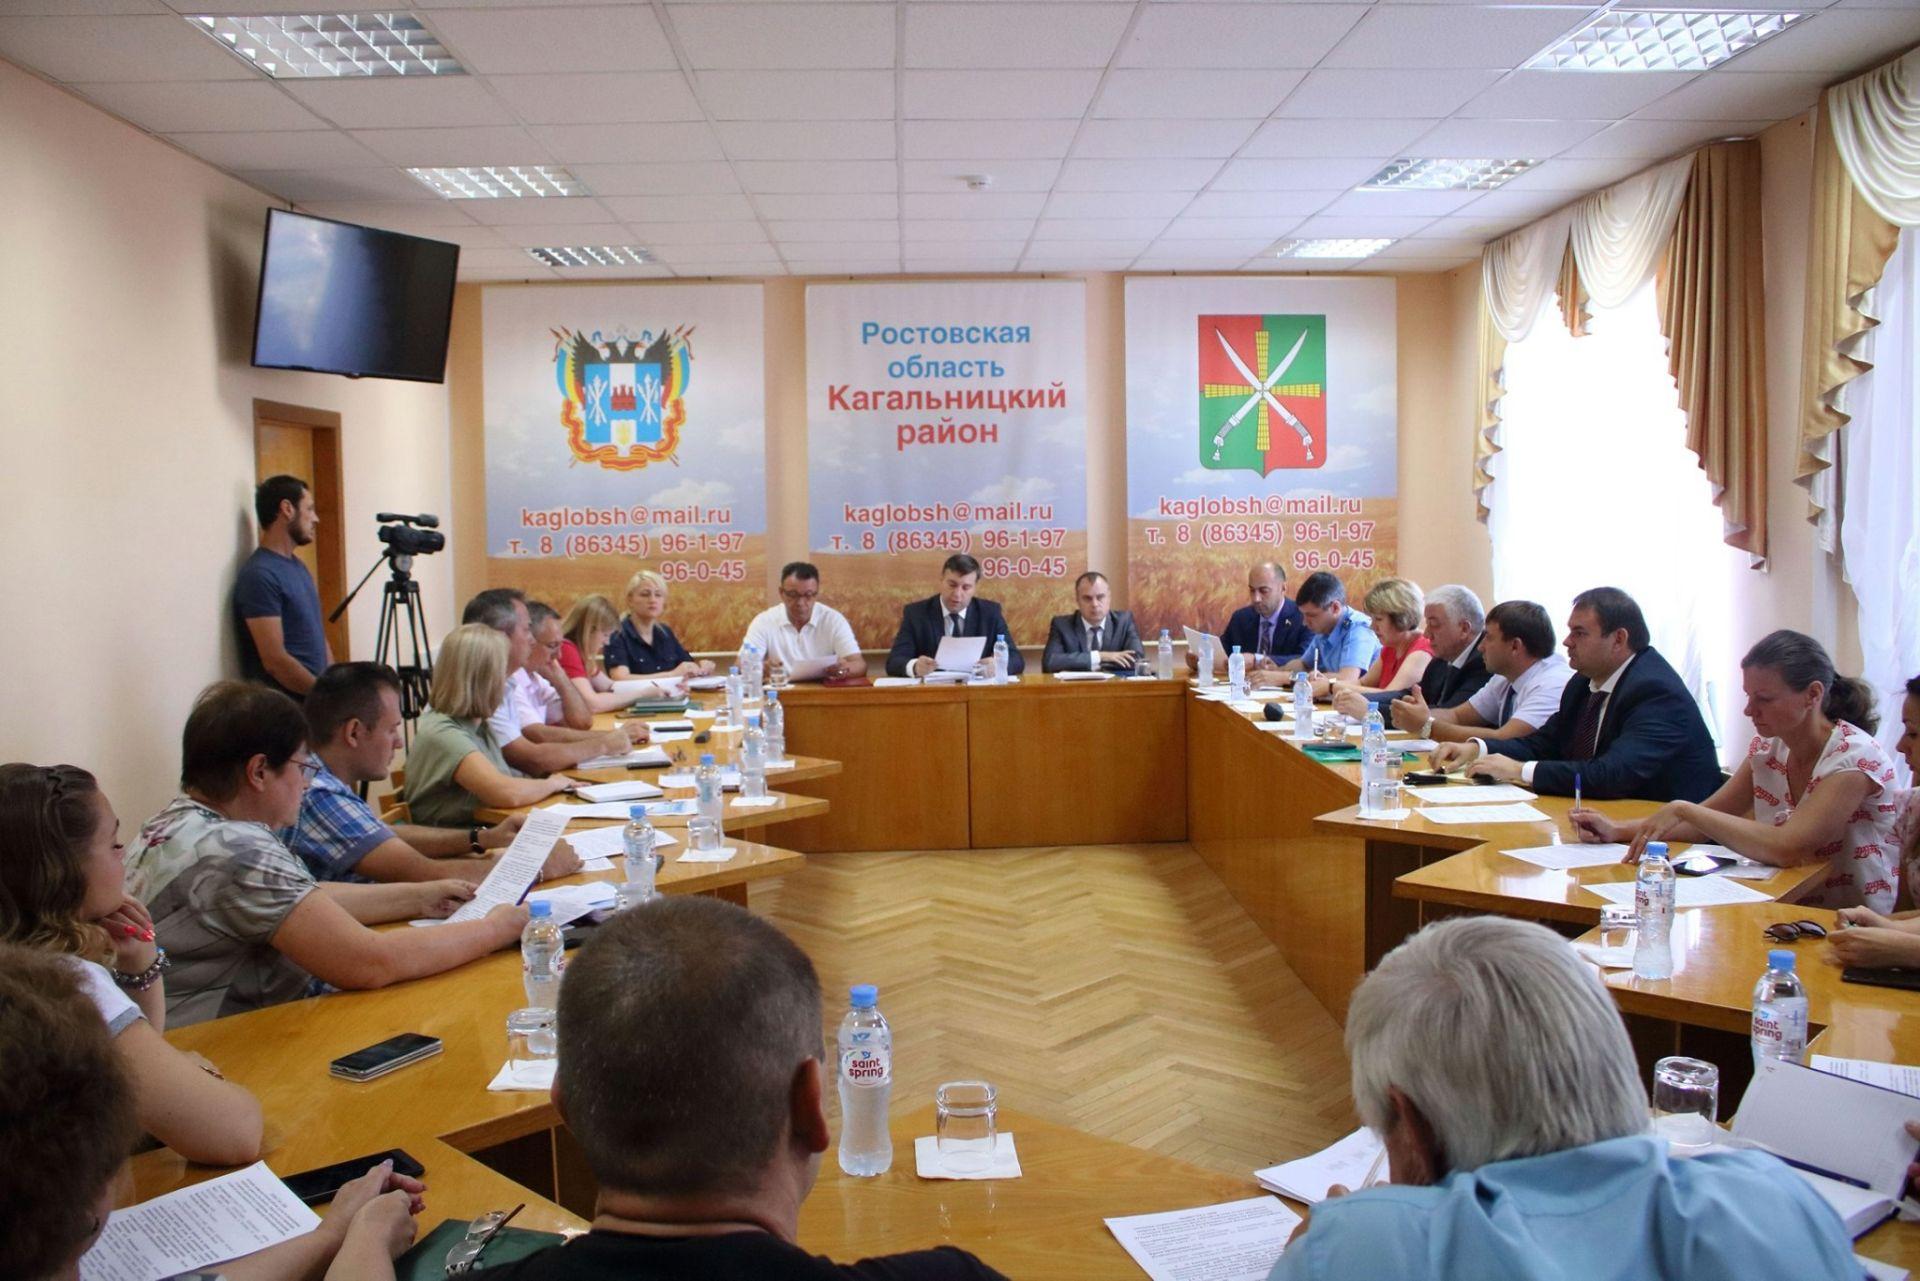 Общественные обсуждения по экокомплексу в станице Кировской будут проведены заново